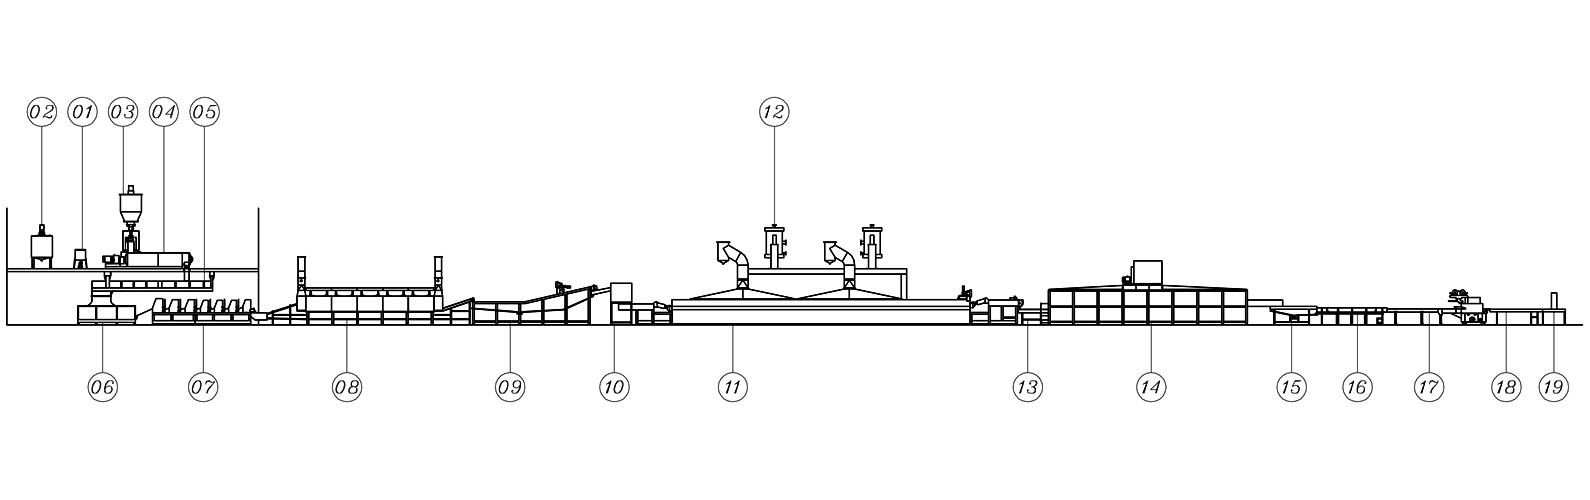 Lini Produksi Mie Instan Tas Otomatis Berkecepatan Tinggi (Mie Tidak Dilipat) - LTI-1000 | Lini Produksi Mie Instan Tas Otomatis - Mie Non Lipat